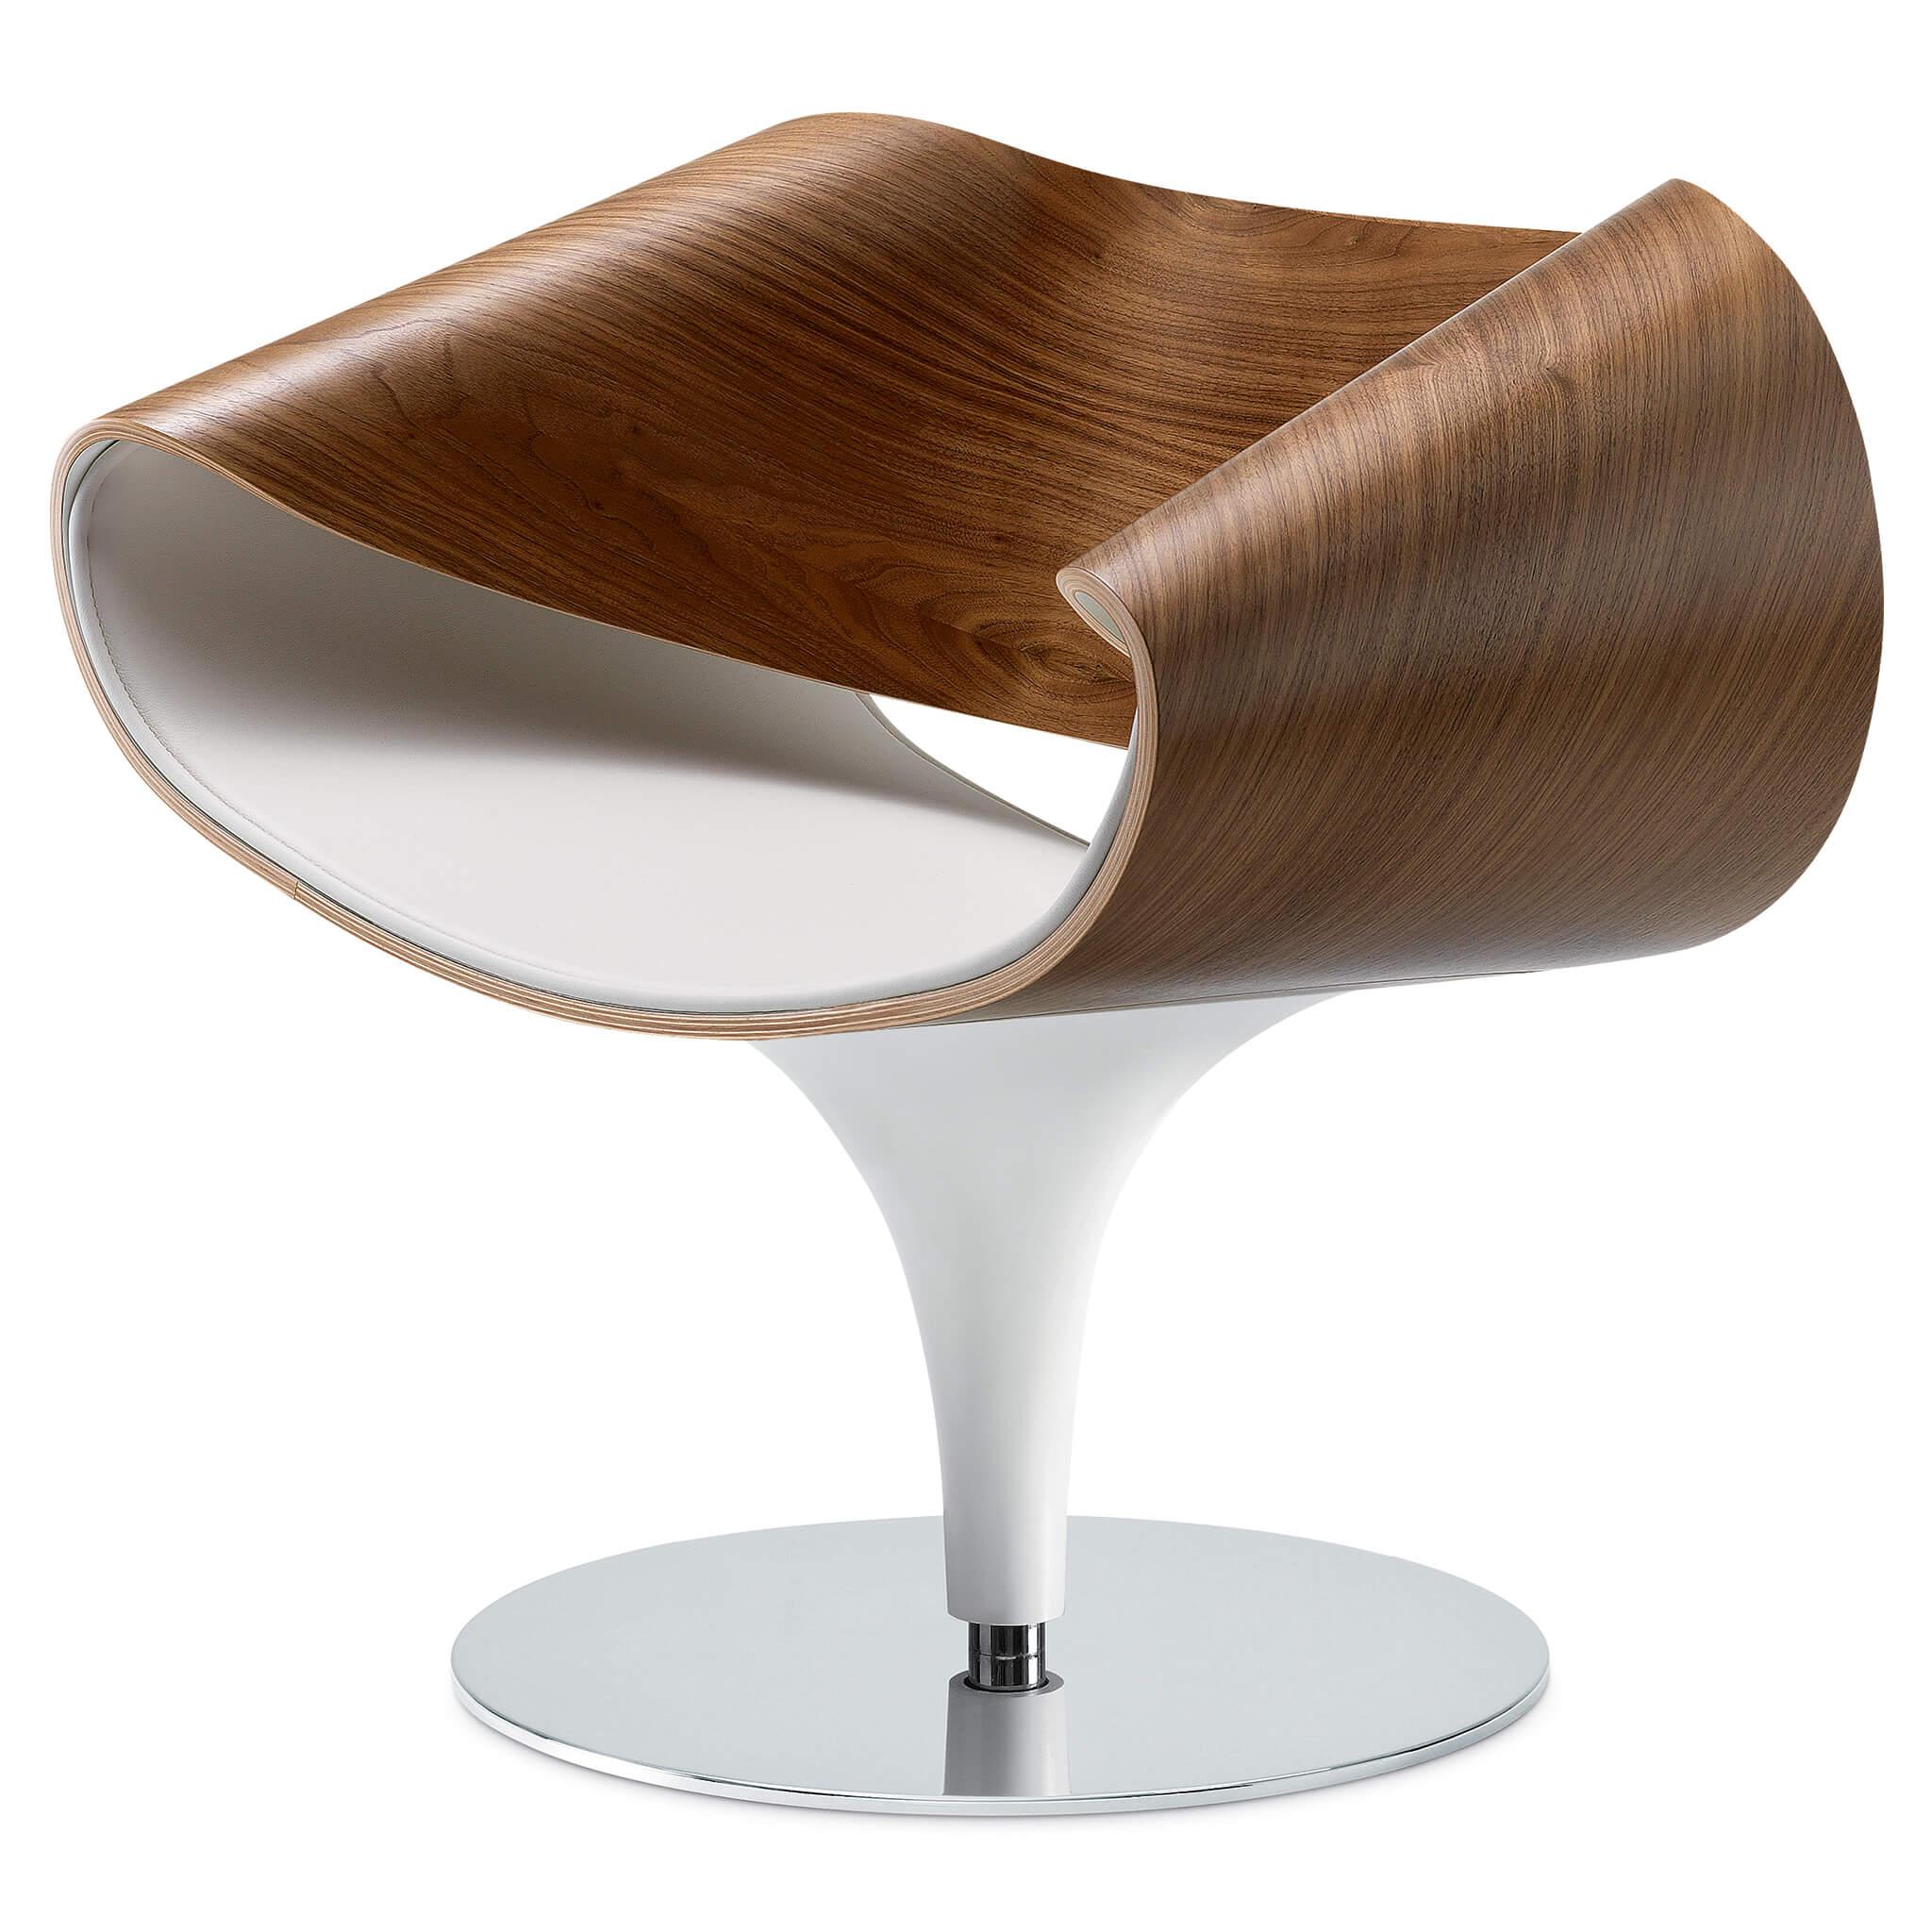 ZÜCO Perillo PE 0834 Designer-Stuhl mit Holzschale und Sitzpolster